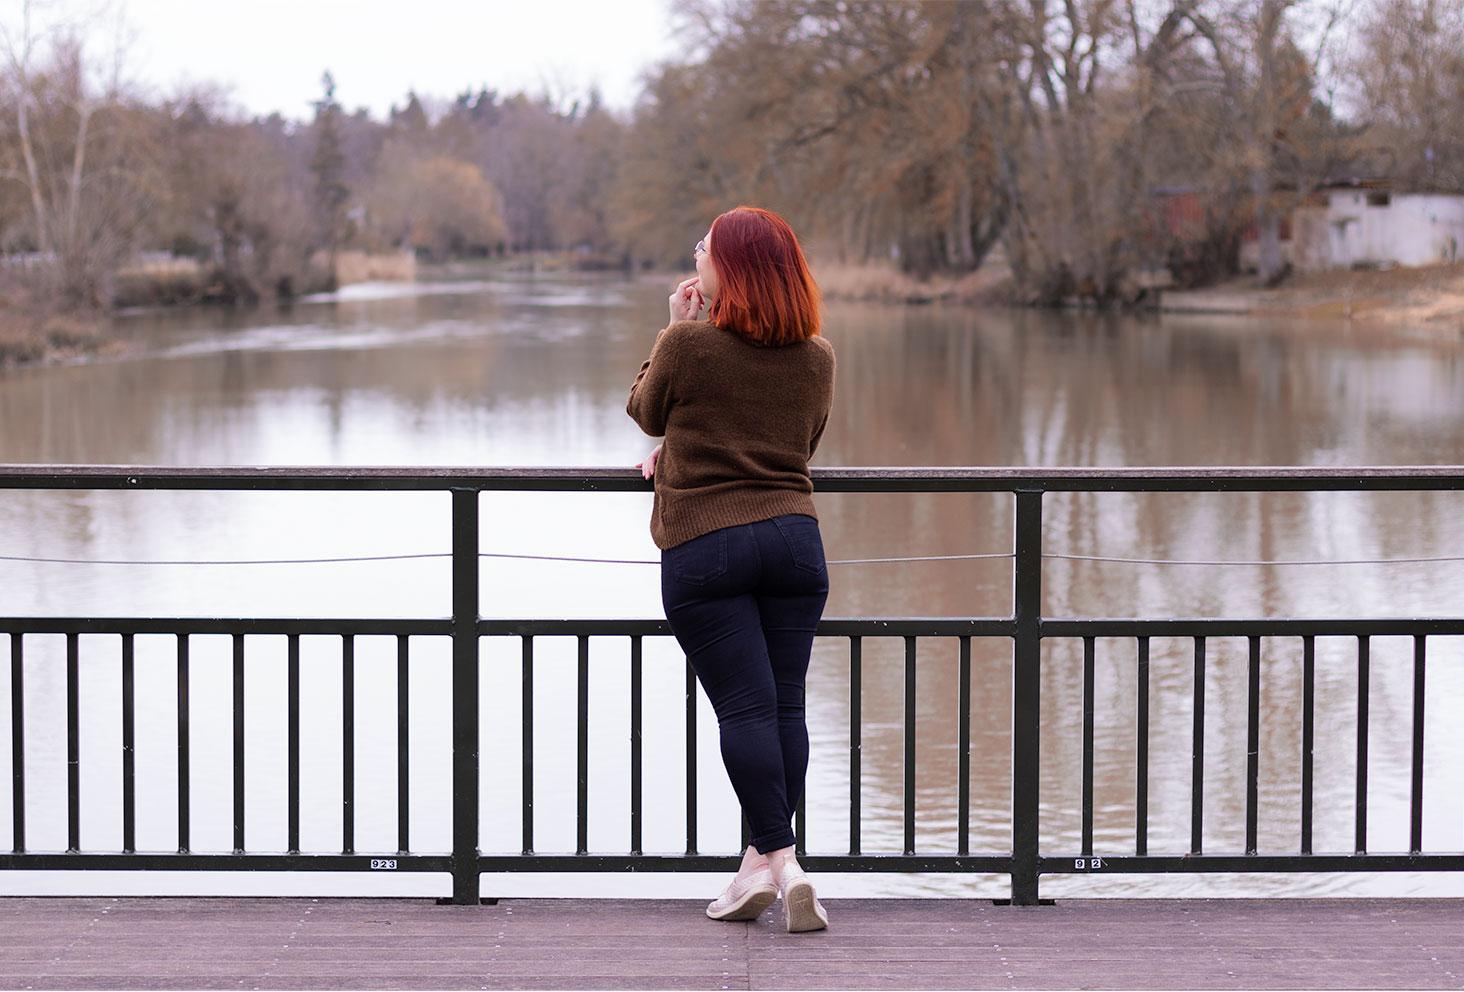 En pantalon noir et pull kaki à col roulé, de dos face au Cher, pour illustrer un article humeur concernant le doute